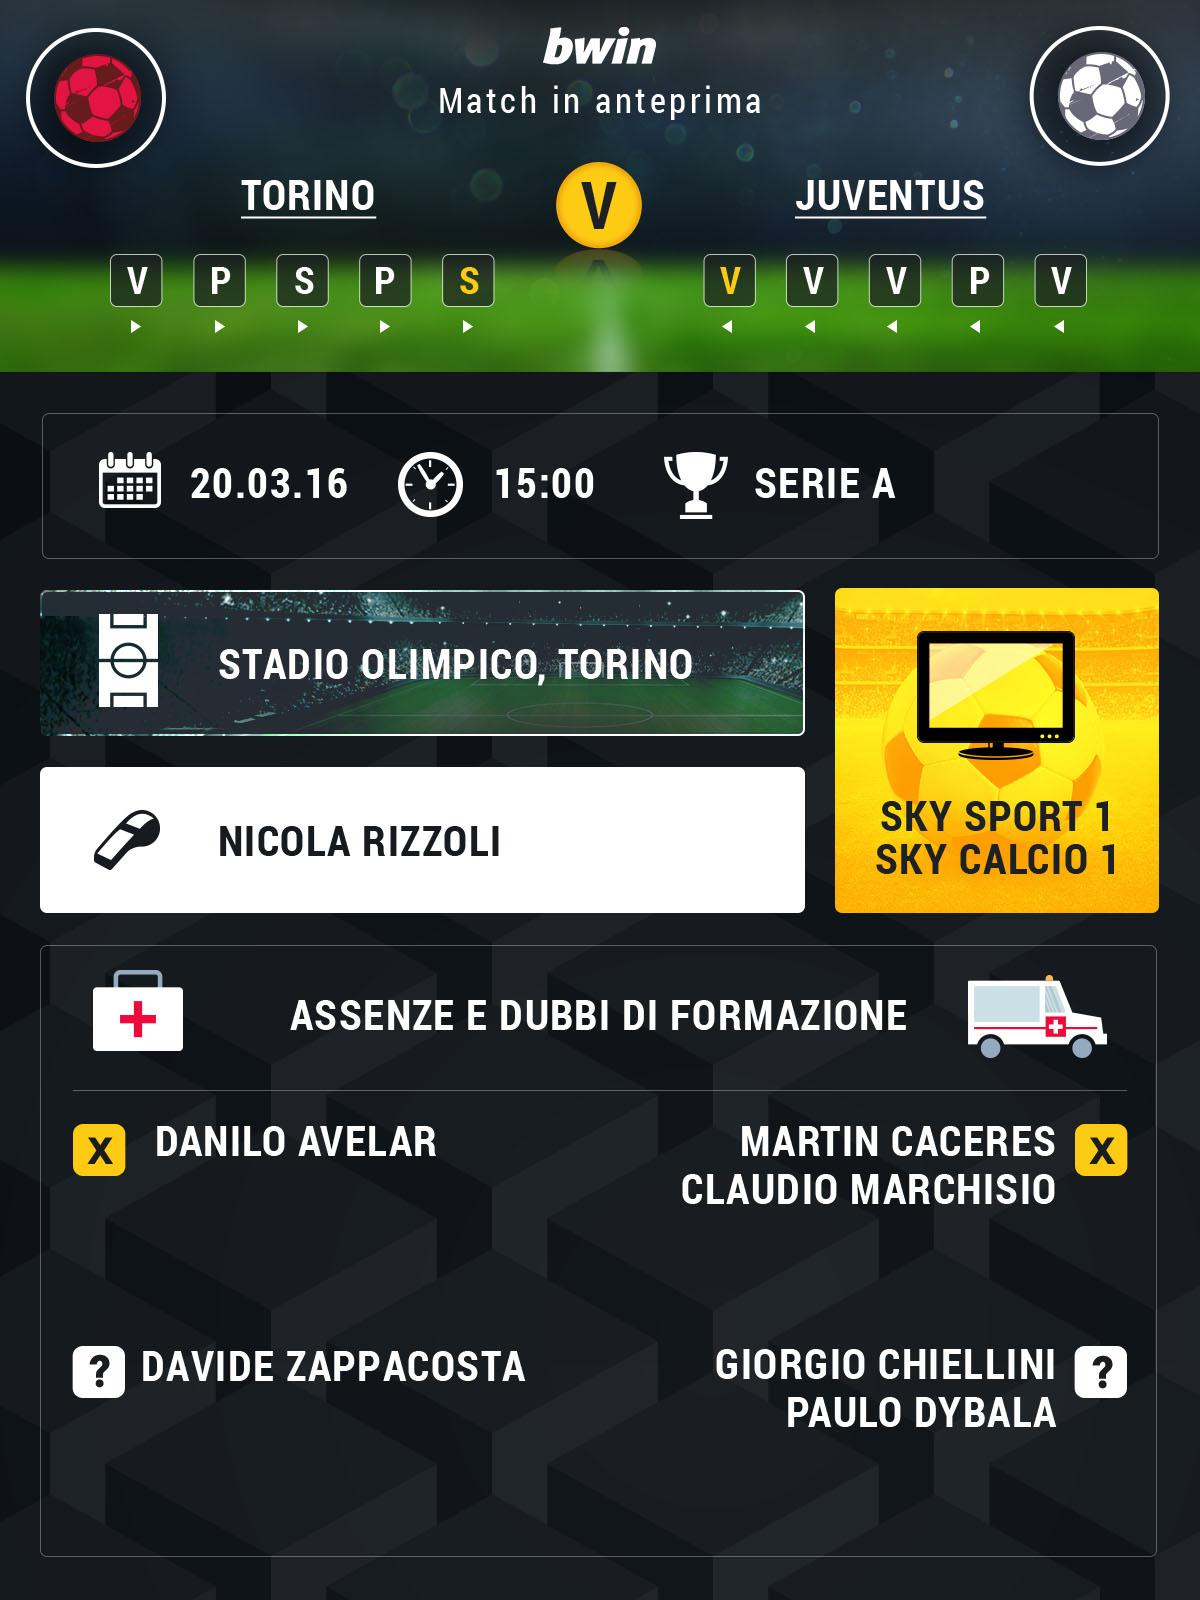 Torino-Juventus preview